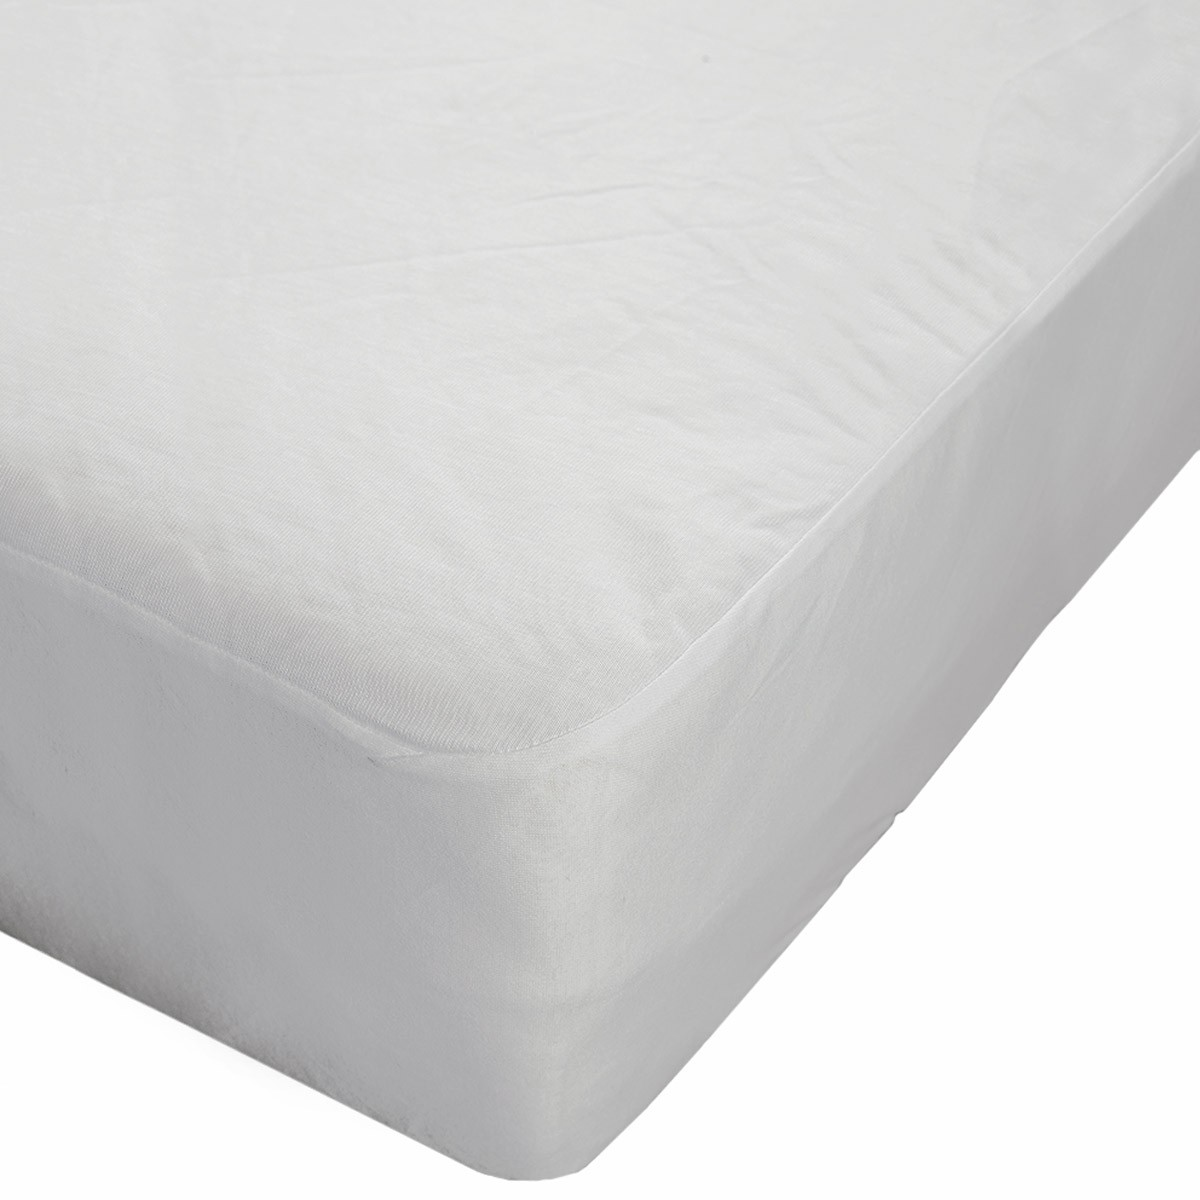 Κάλυμμα Στρώματος Κούνιας Αδιάβροχο Vesta Domna home   βρεφικά   μαξιλάρια   επιστρώματα